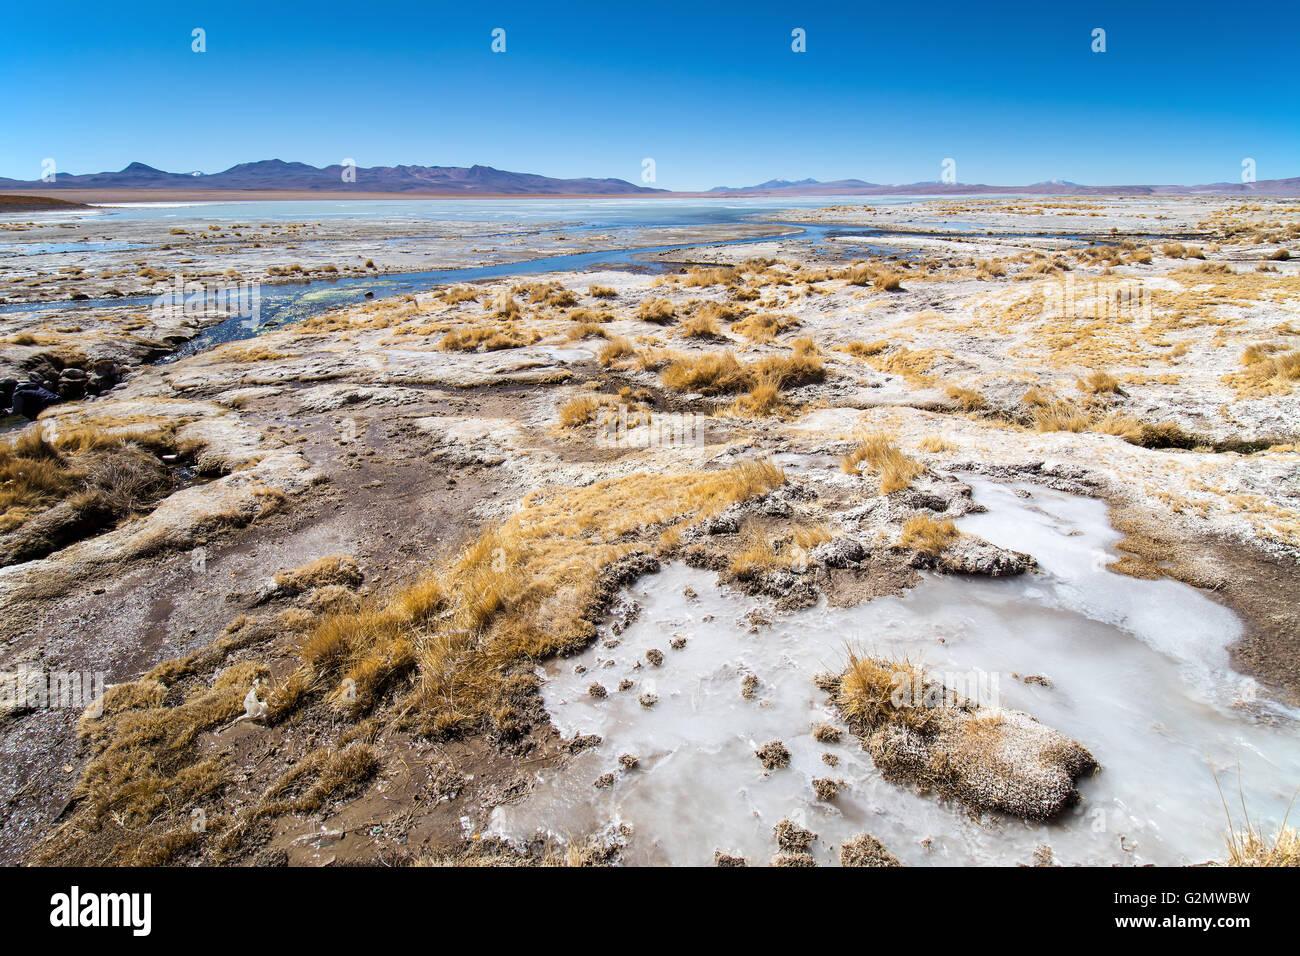 Orilla de la Laguna Hedionda, recubiertos con sal y hielo, en Uyuni, Altiplano, Bolivia Imagen De Stock